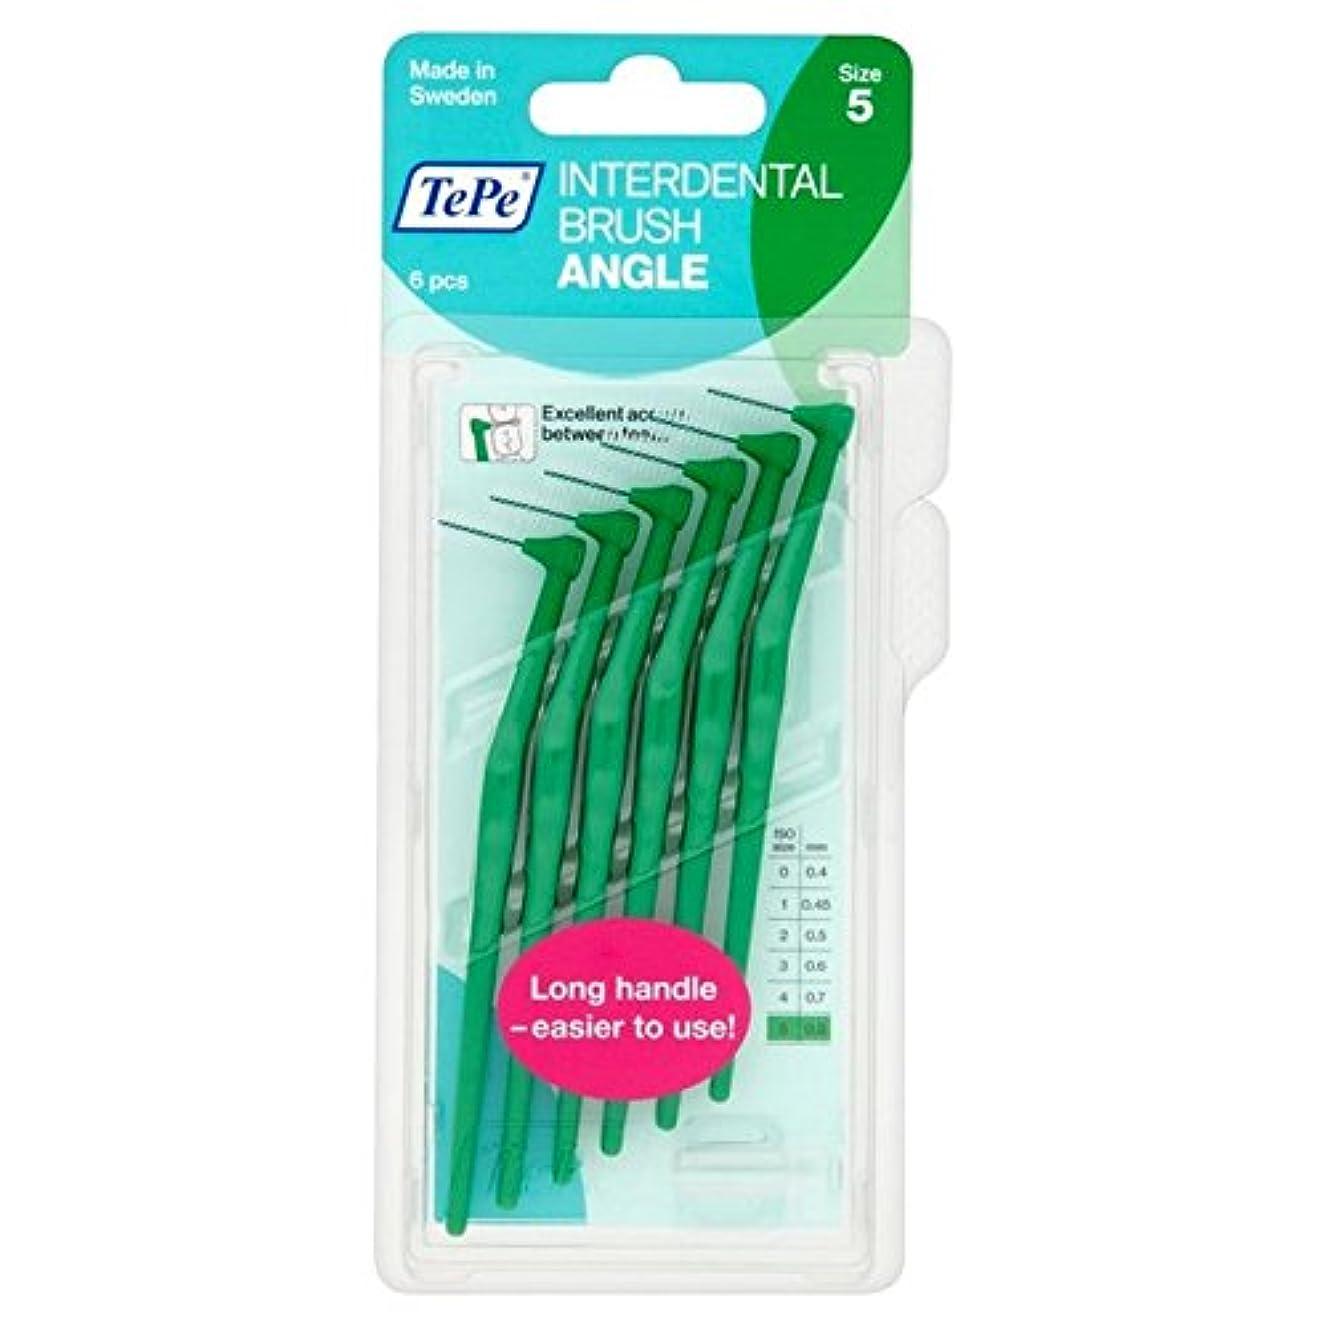 ジェスチャー幼児良心的パックあたり6 0.8ミリメートル緑テペ角度 x2 - TePe Angle Green 0.8mm 6 per pack (Pack of 2) [並行輸入品]